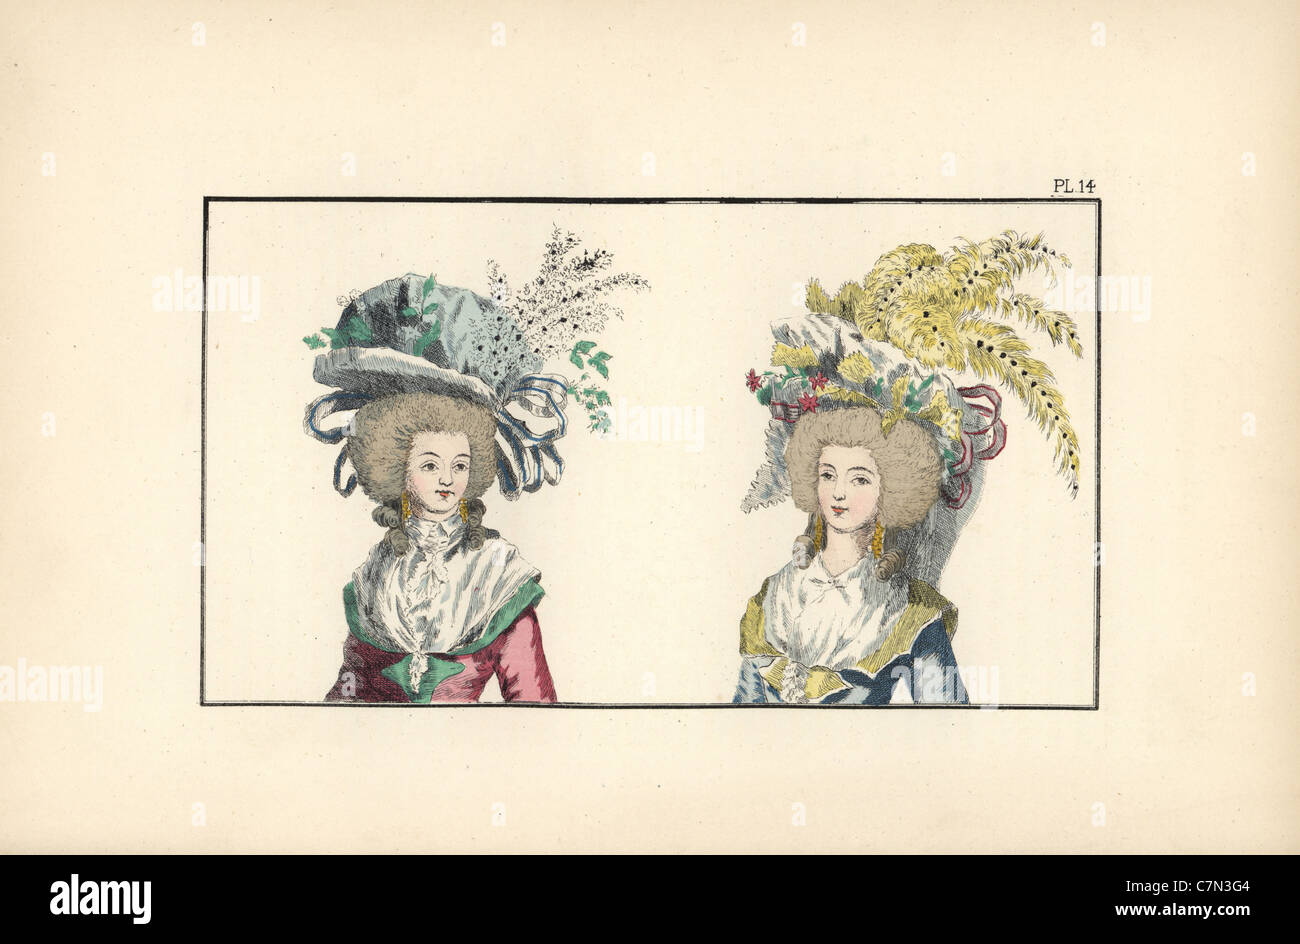 'Prominent citizen' bonnets. - Stock Image